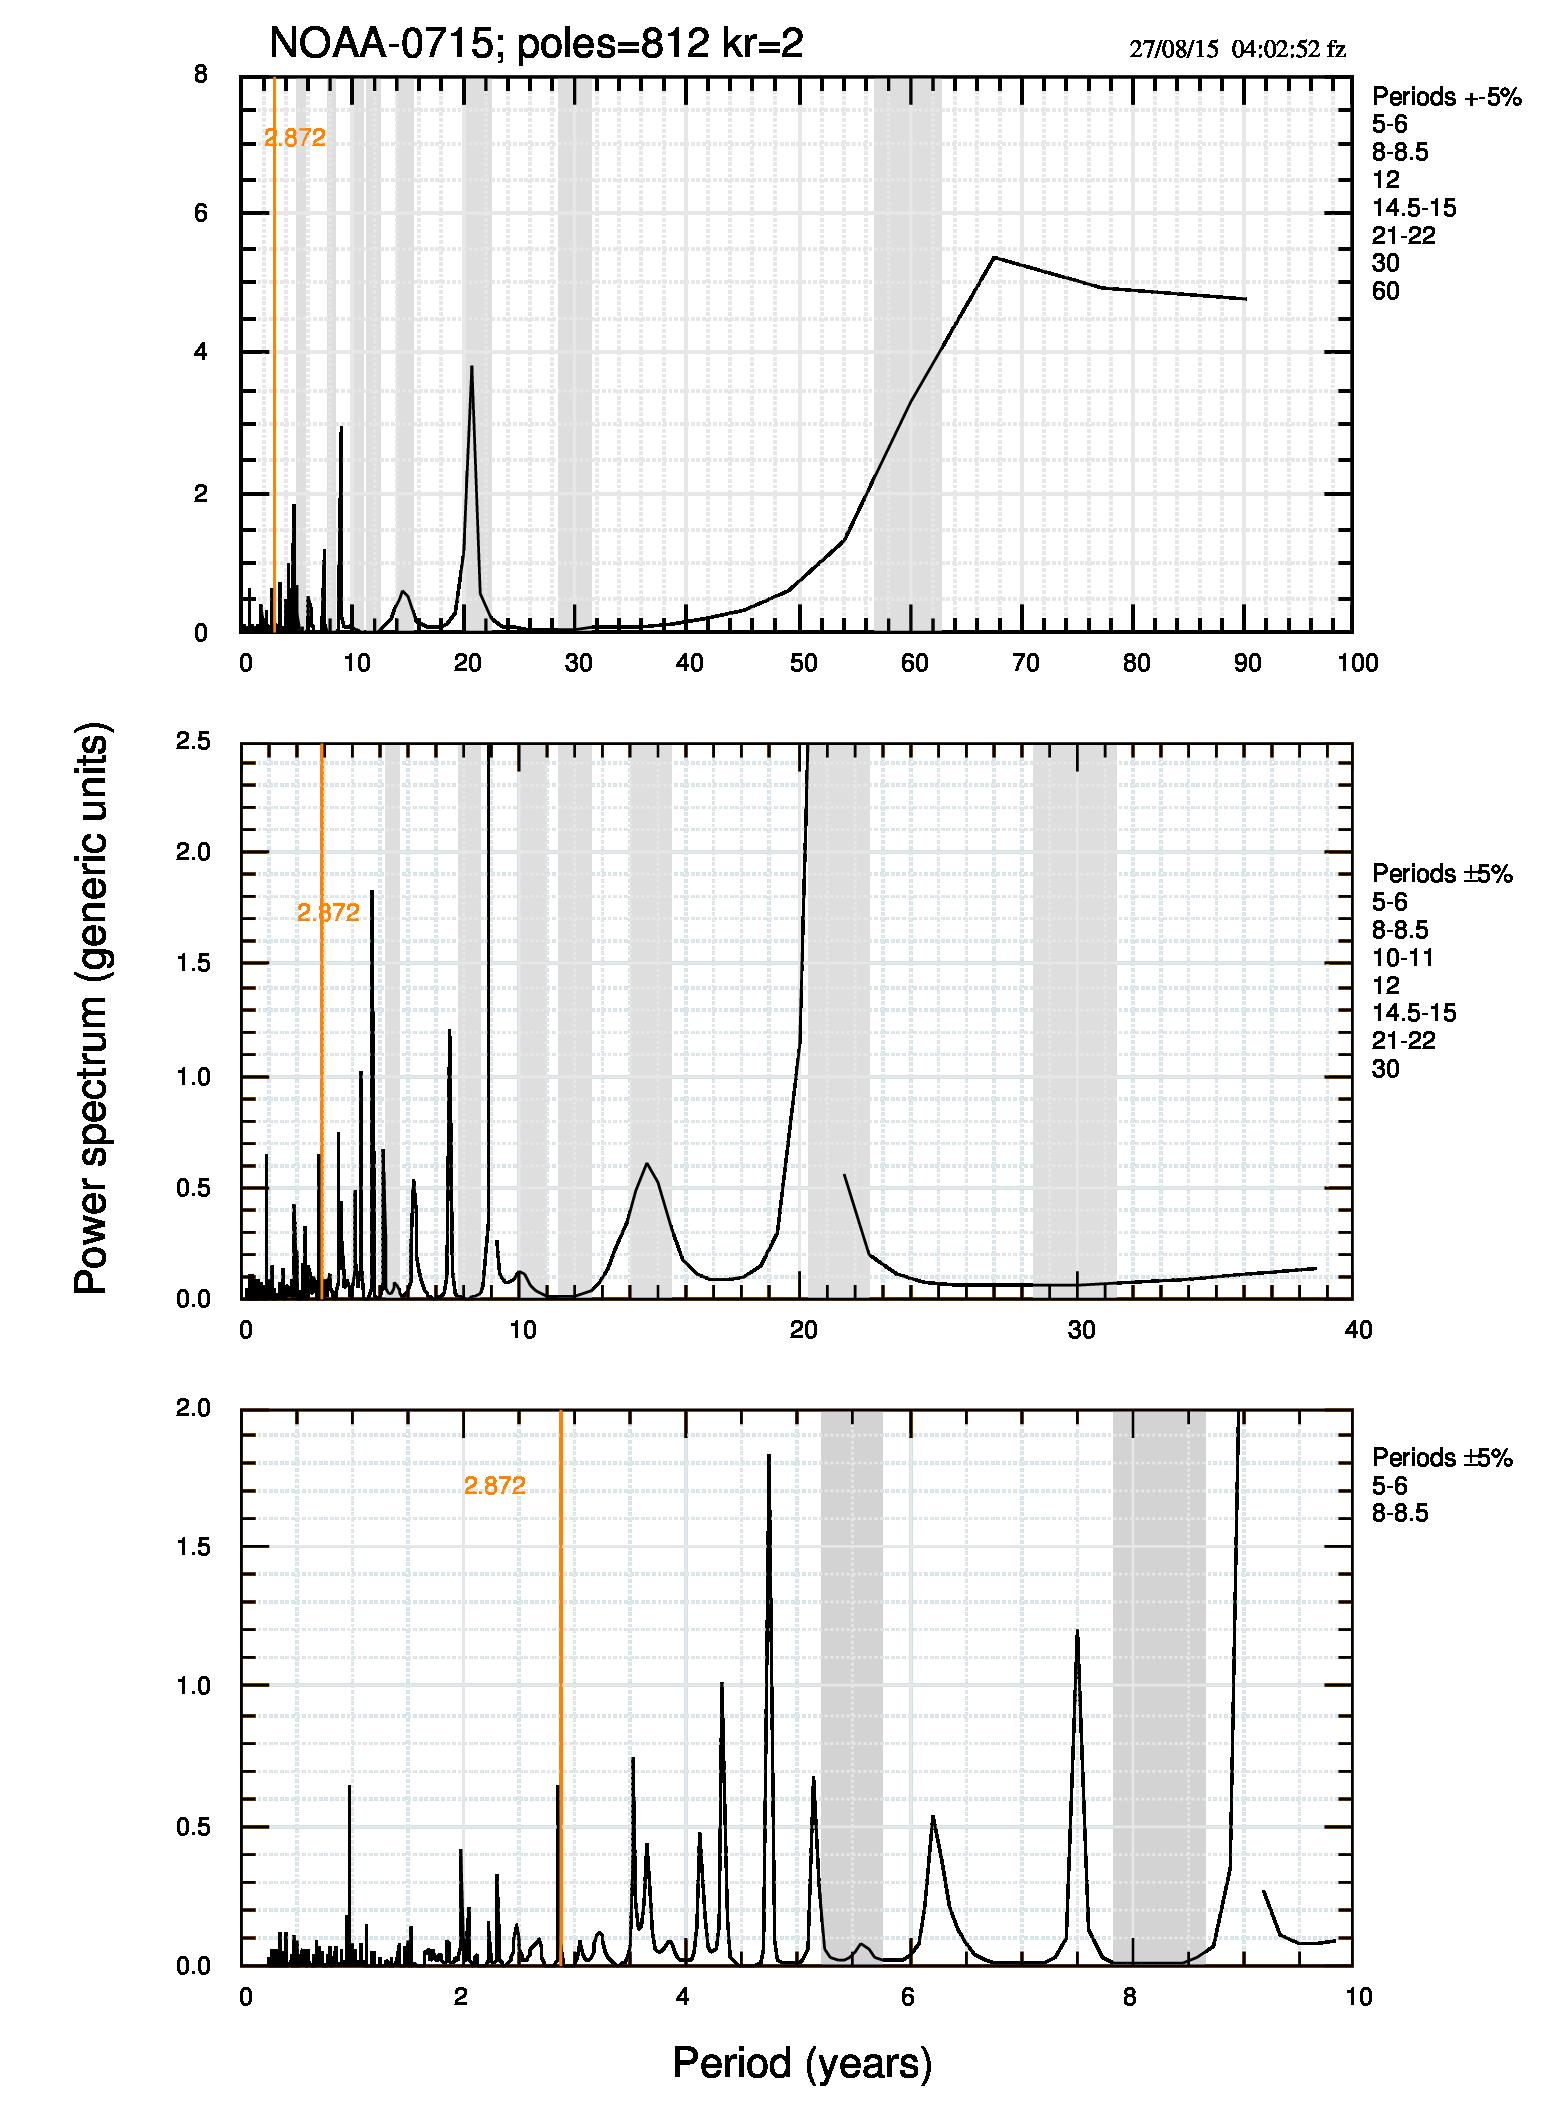 Fig.4. Spettro MEM dei dati NOAA (terra+oceano) di luglio 2015. I due quadri in basso sono ingrandimenti del grafico in alto. Per il significato della riga verticale arancione si può vedere questo post su CM.